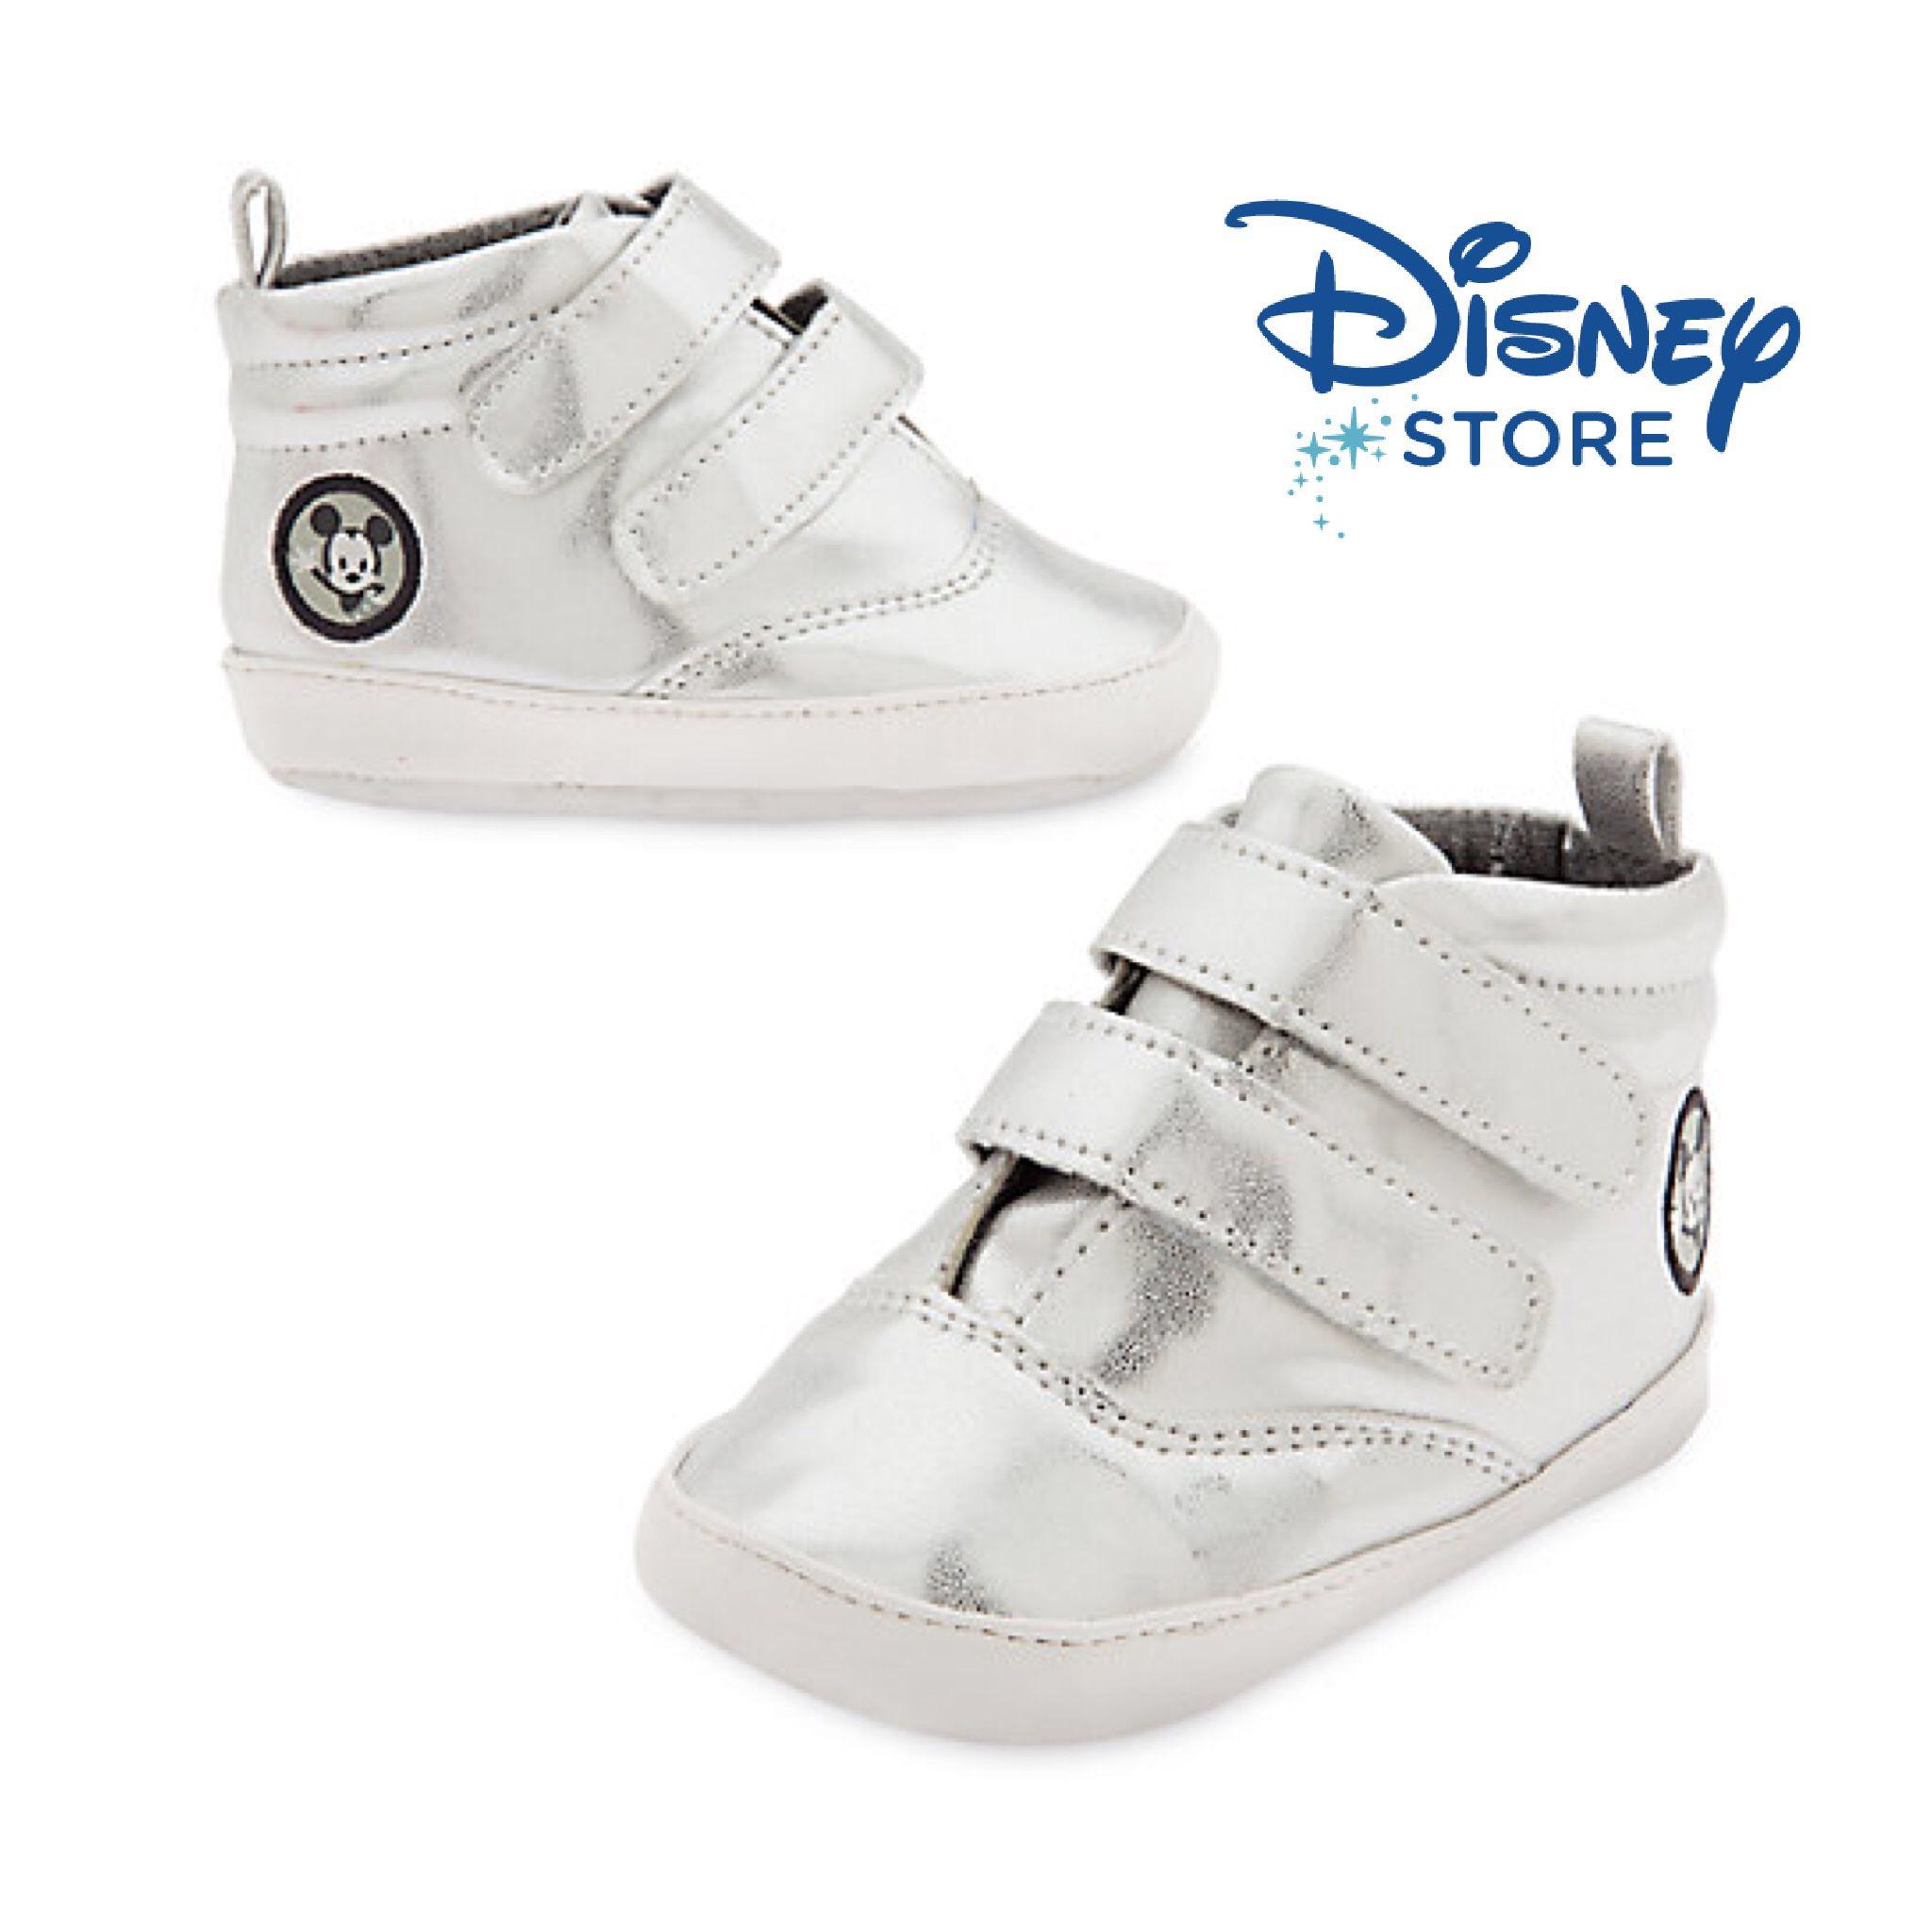 รองเท้าหุ้มส้นสุดฮิปสำหรับเด็กเล็ก Disney Crib Shoes for Baby Mickey Mouse (Silver)